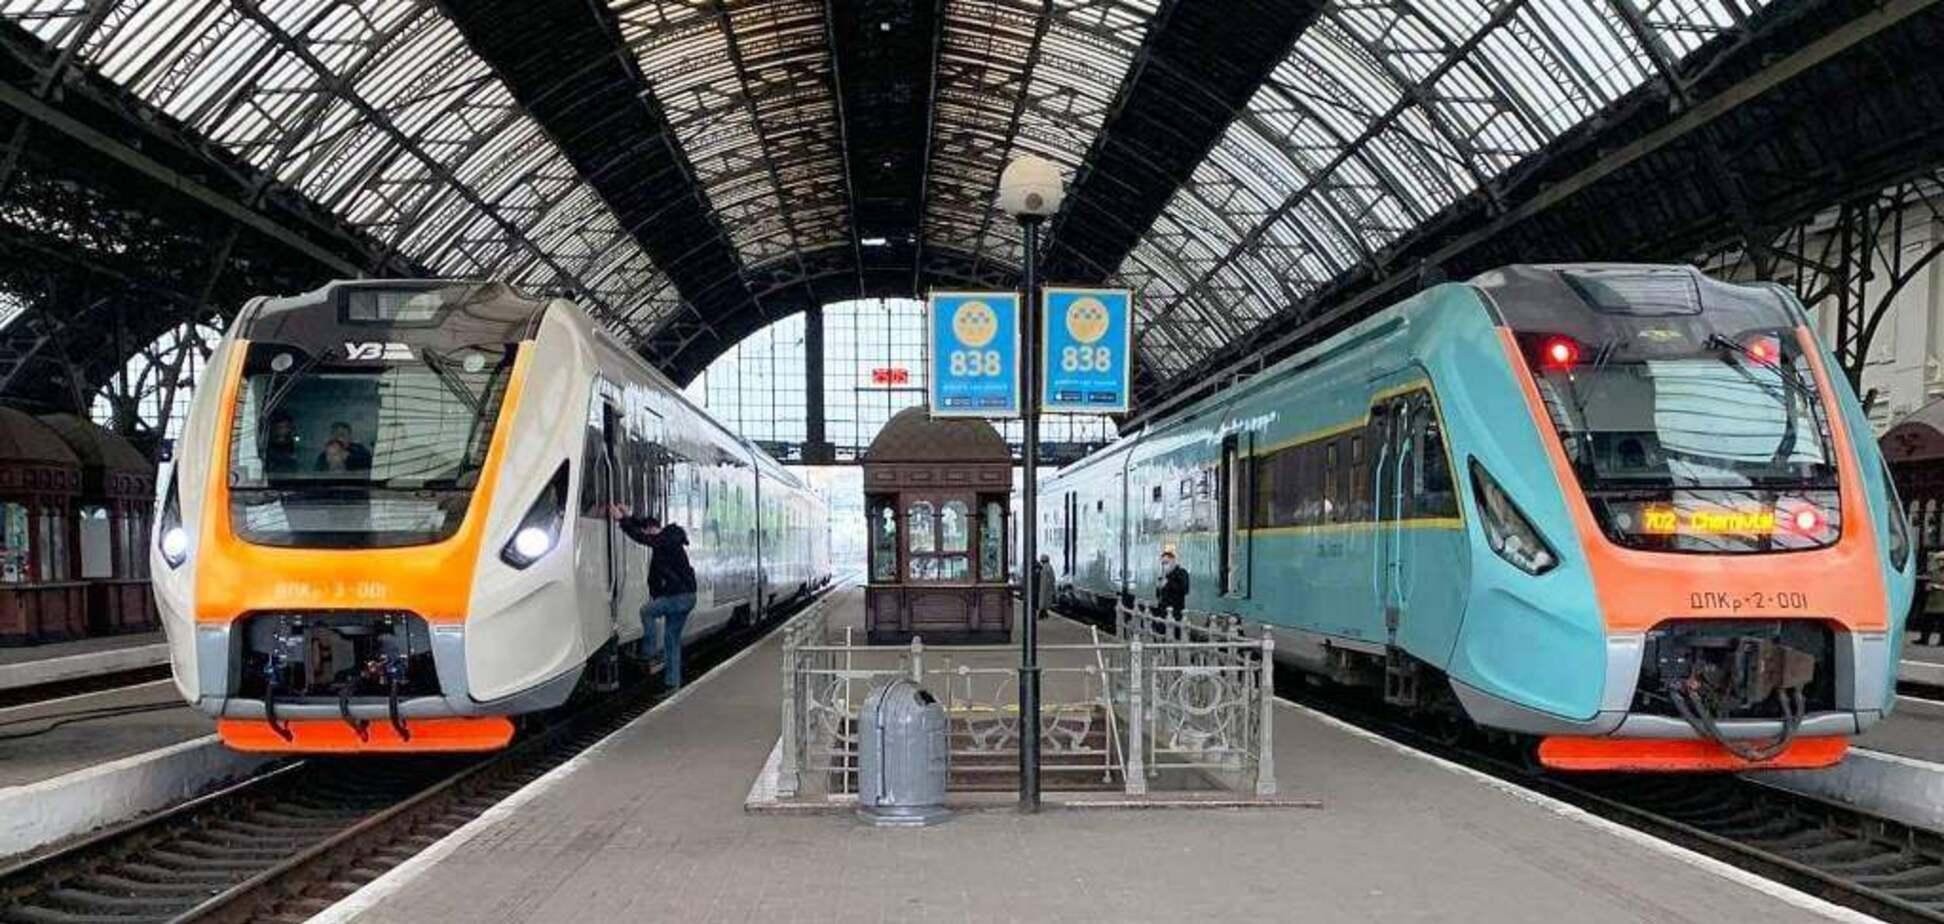 Некоторые поезда задерживаются более чем на 3 часа